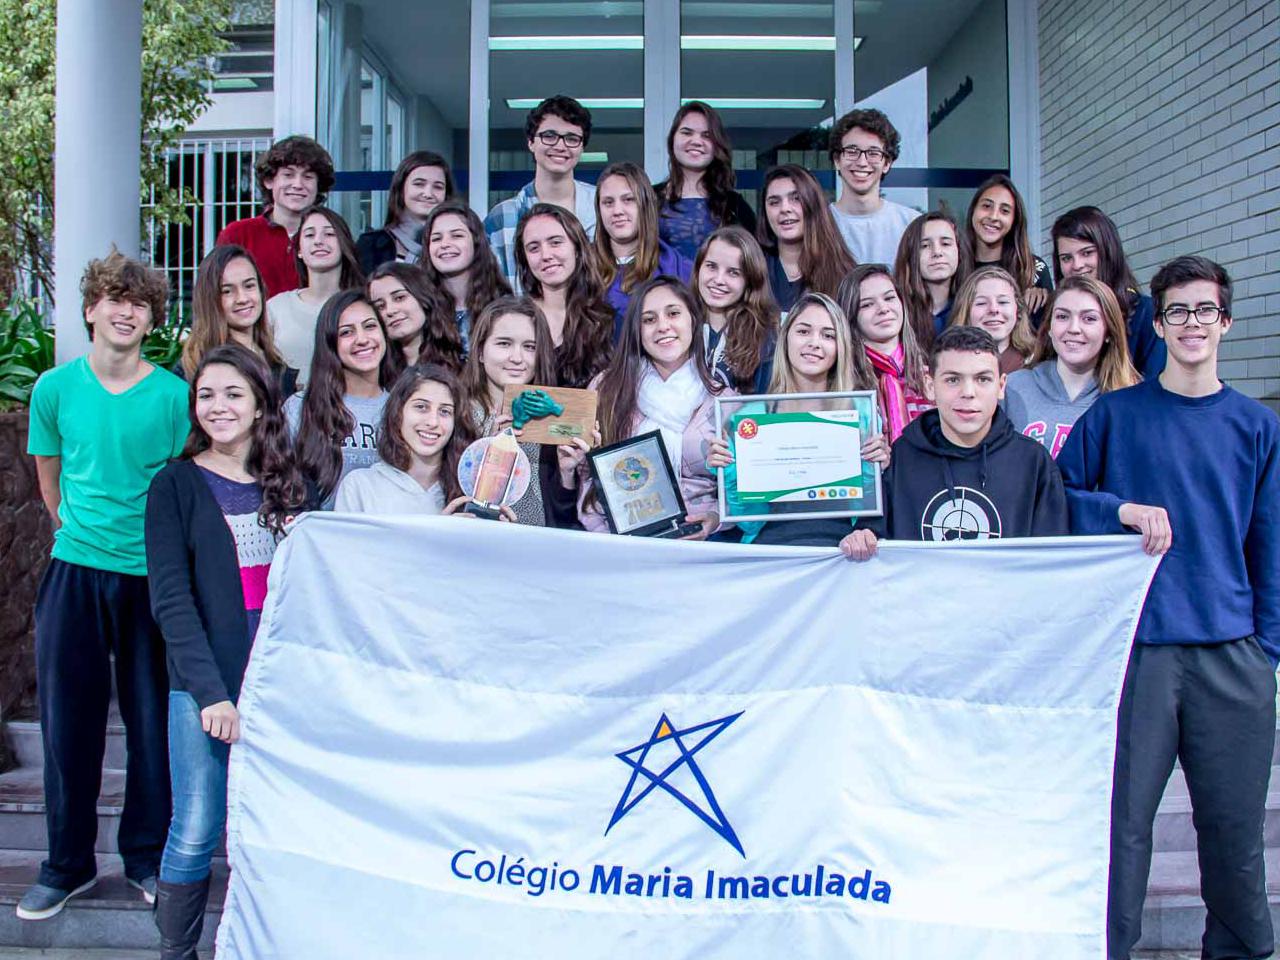 Canais_Voluntariado_2015-09-24_PremioSinepe